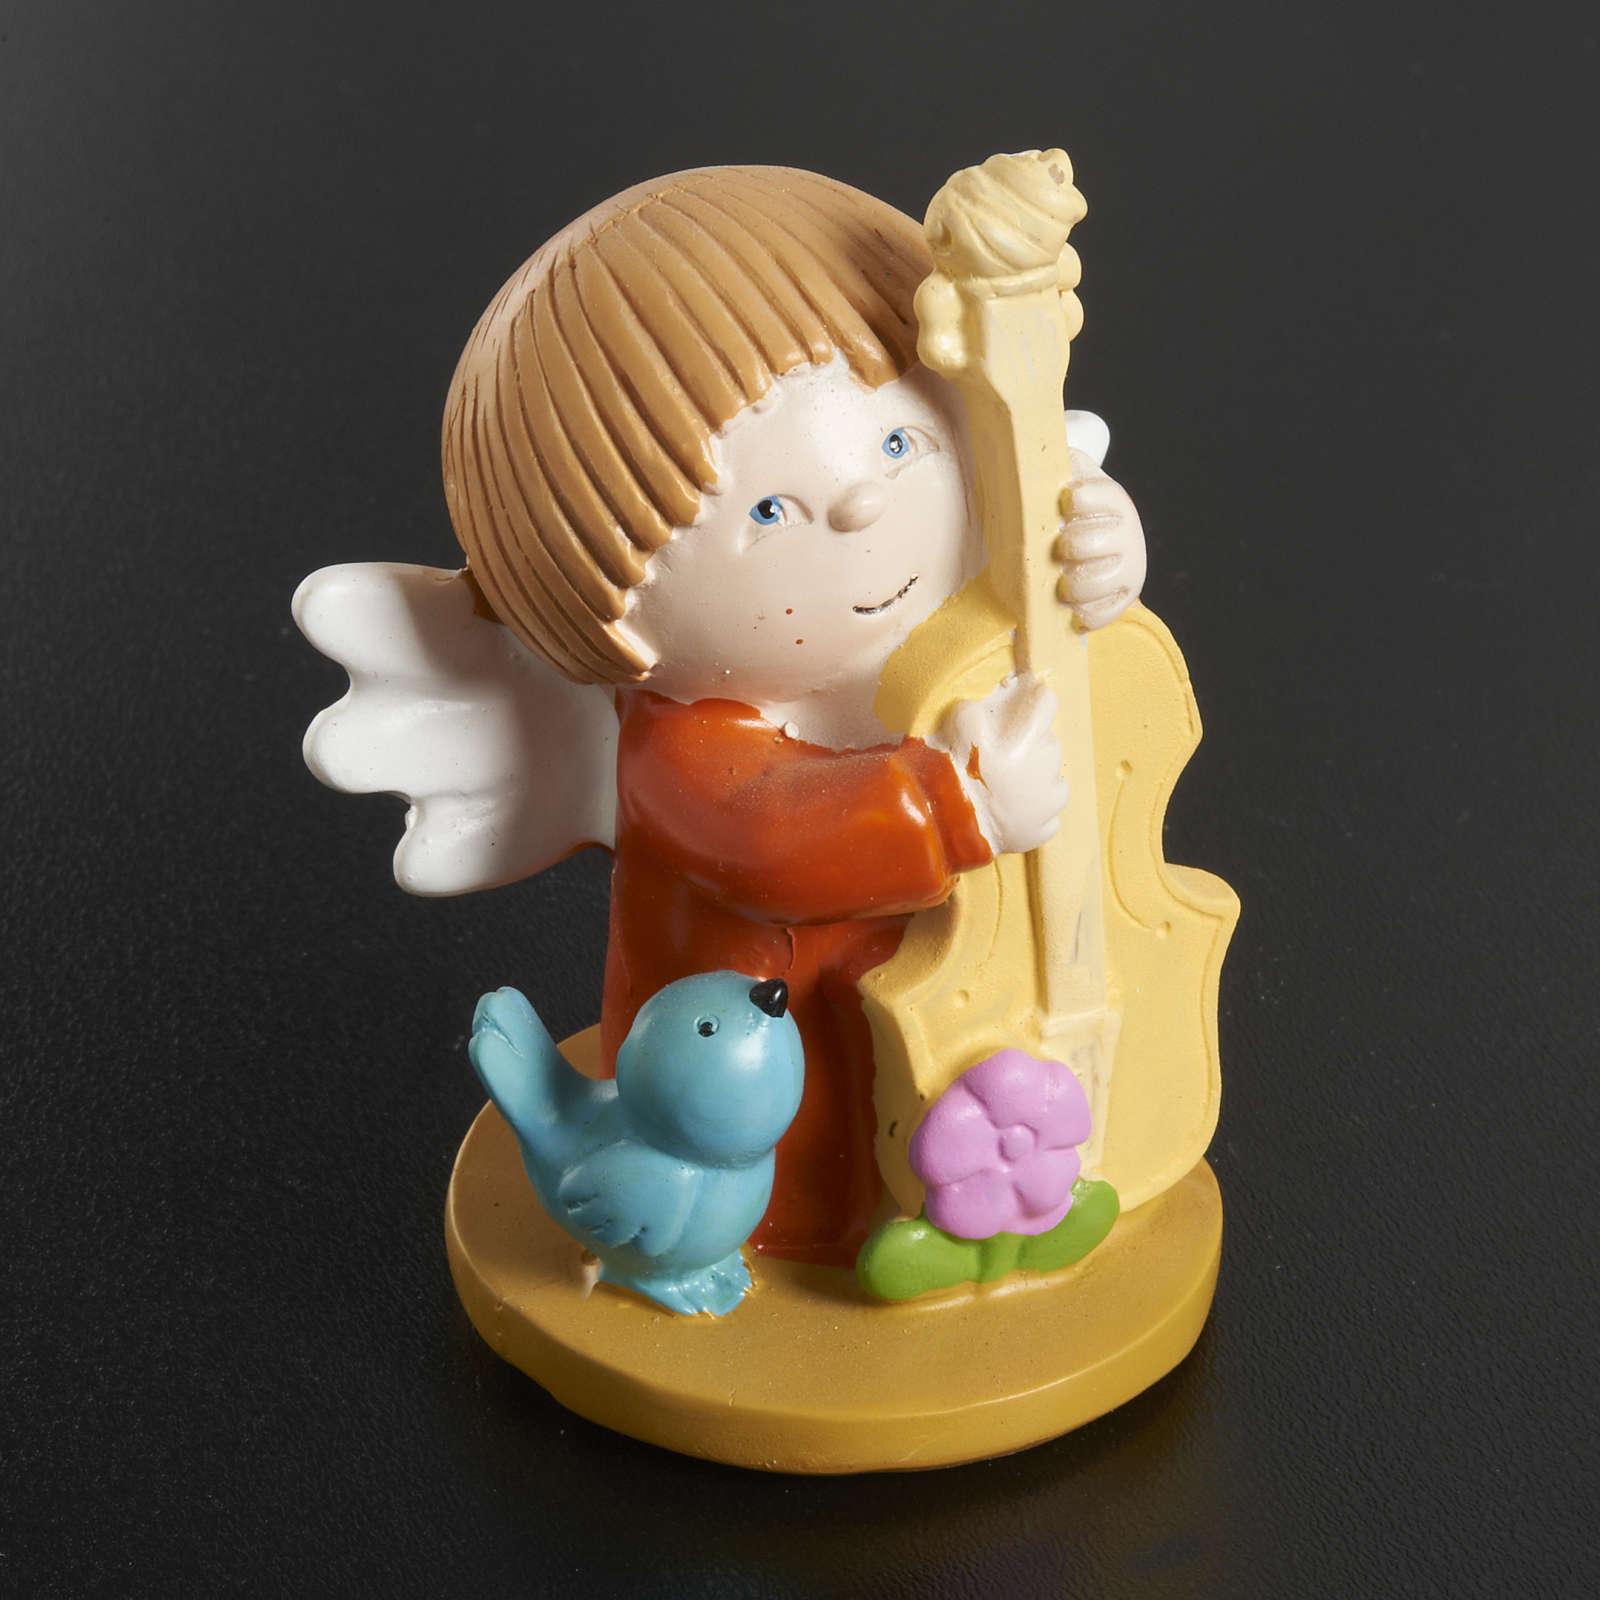 Ángeles en resina con animales e instrumentos musicales, 3